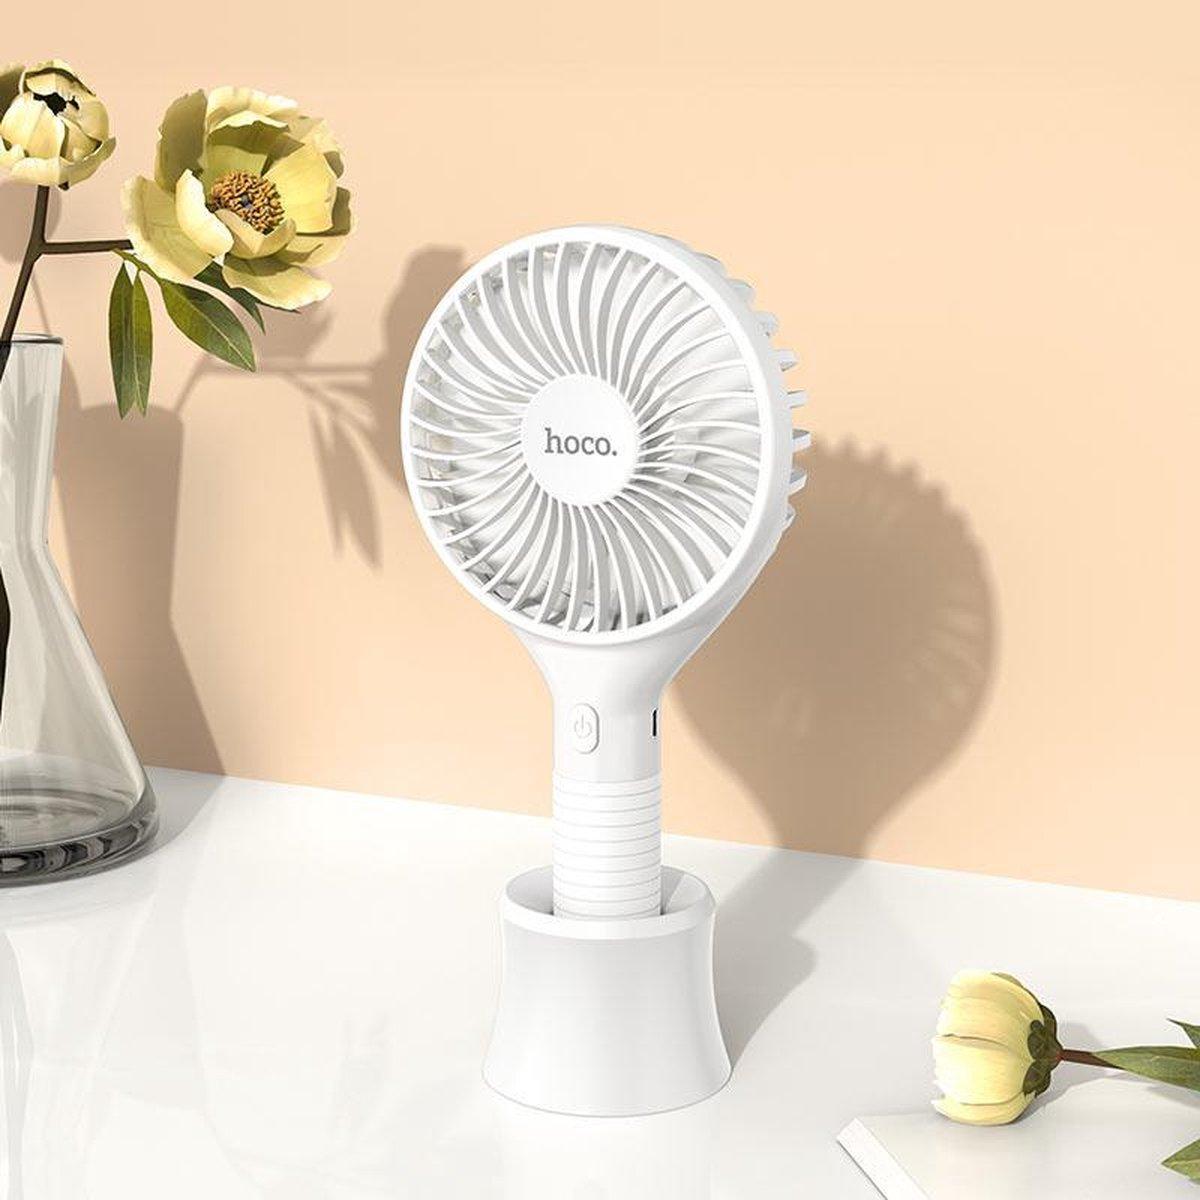 Hoco f13 draagbare ventilator Mini ventilator 3 standen usb oplaadbaar